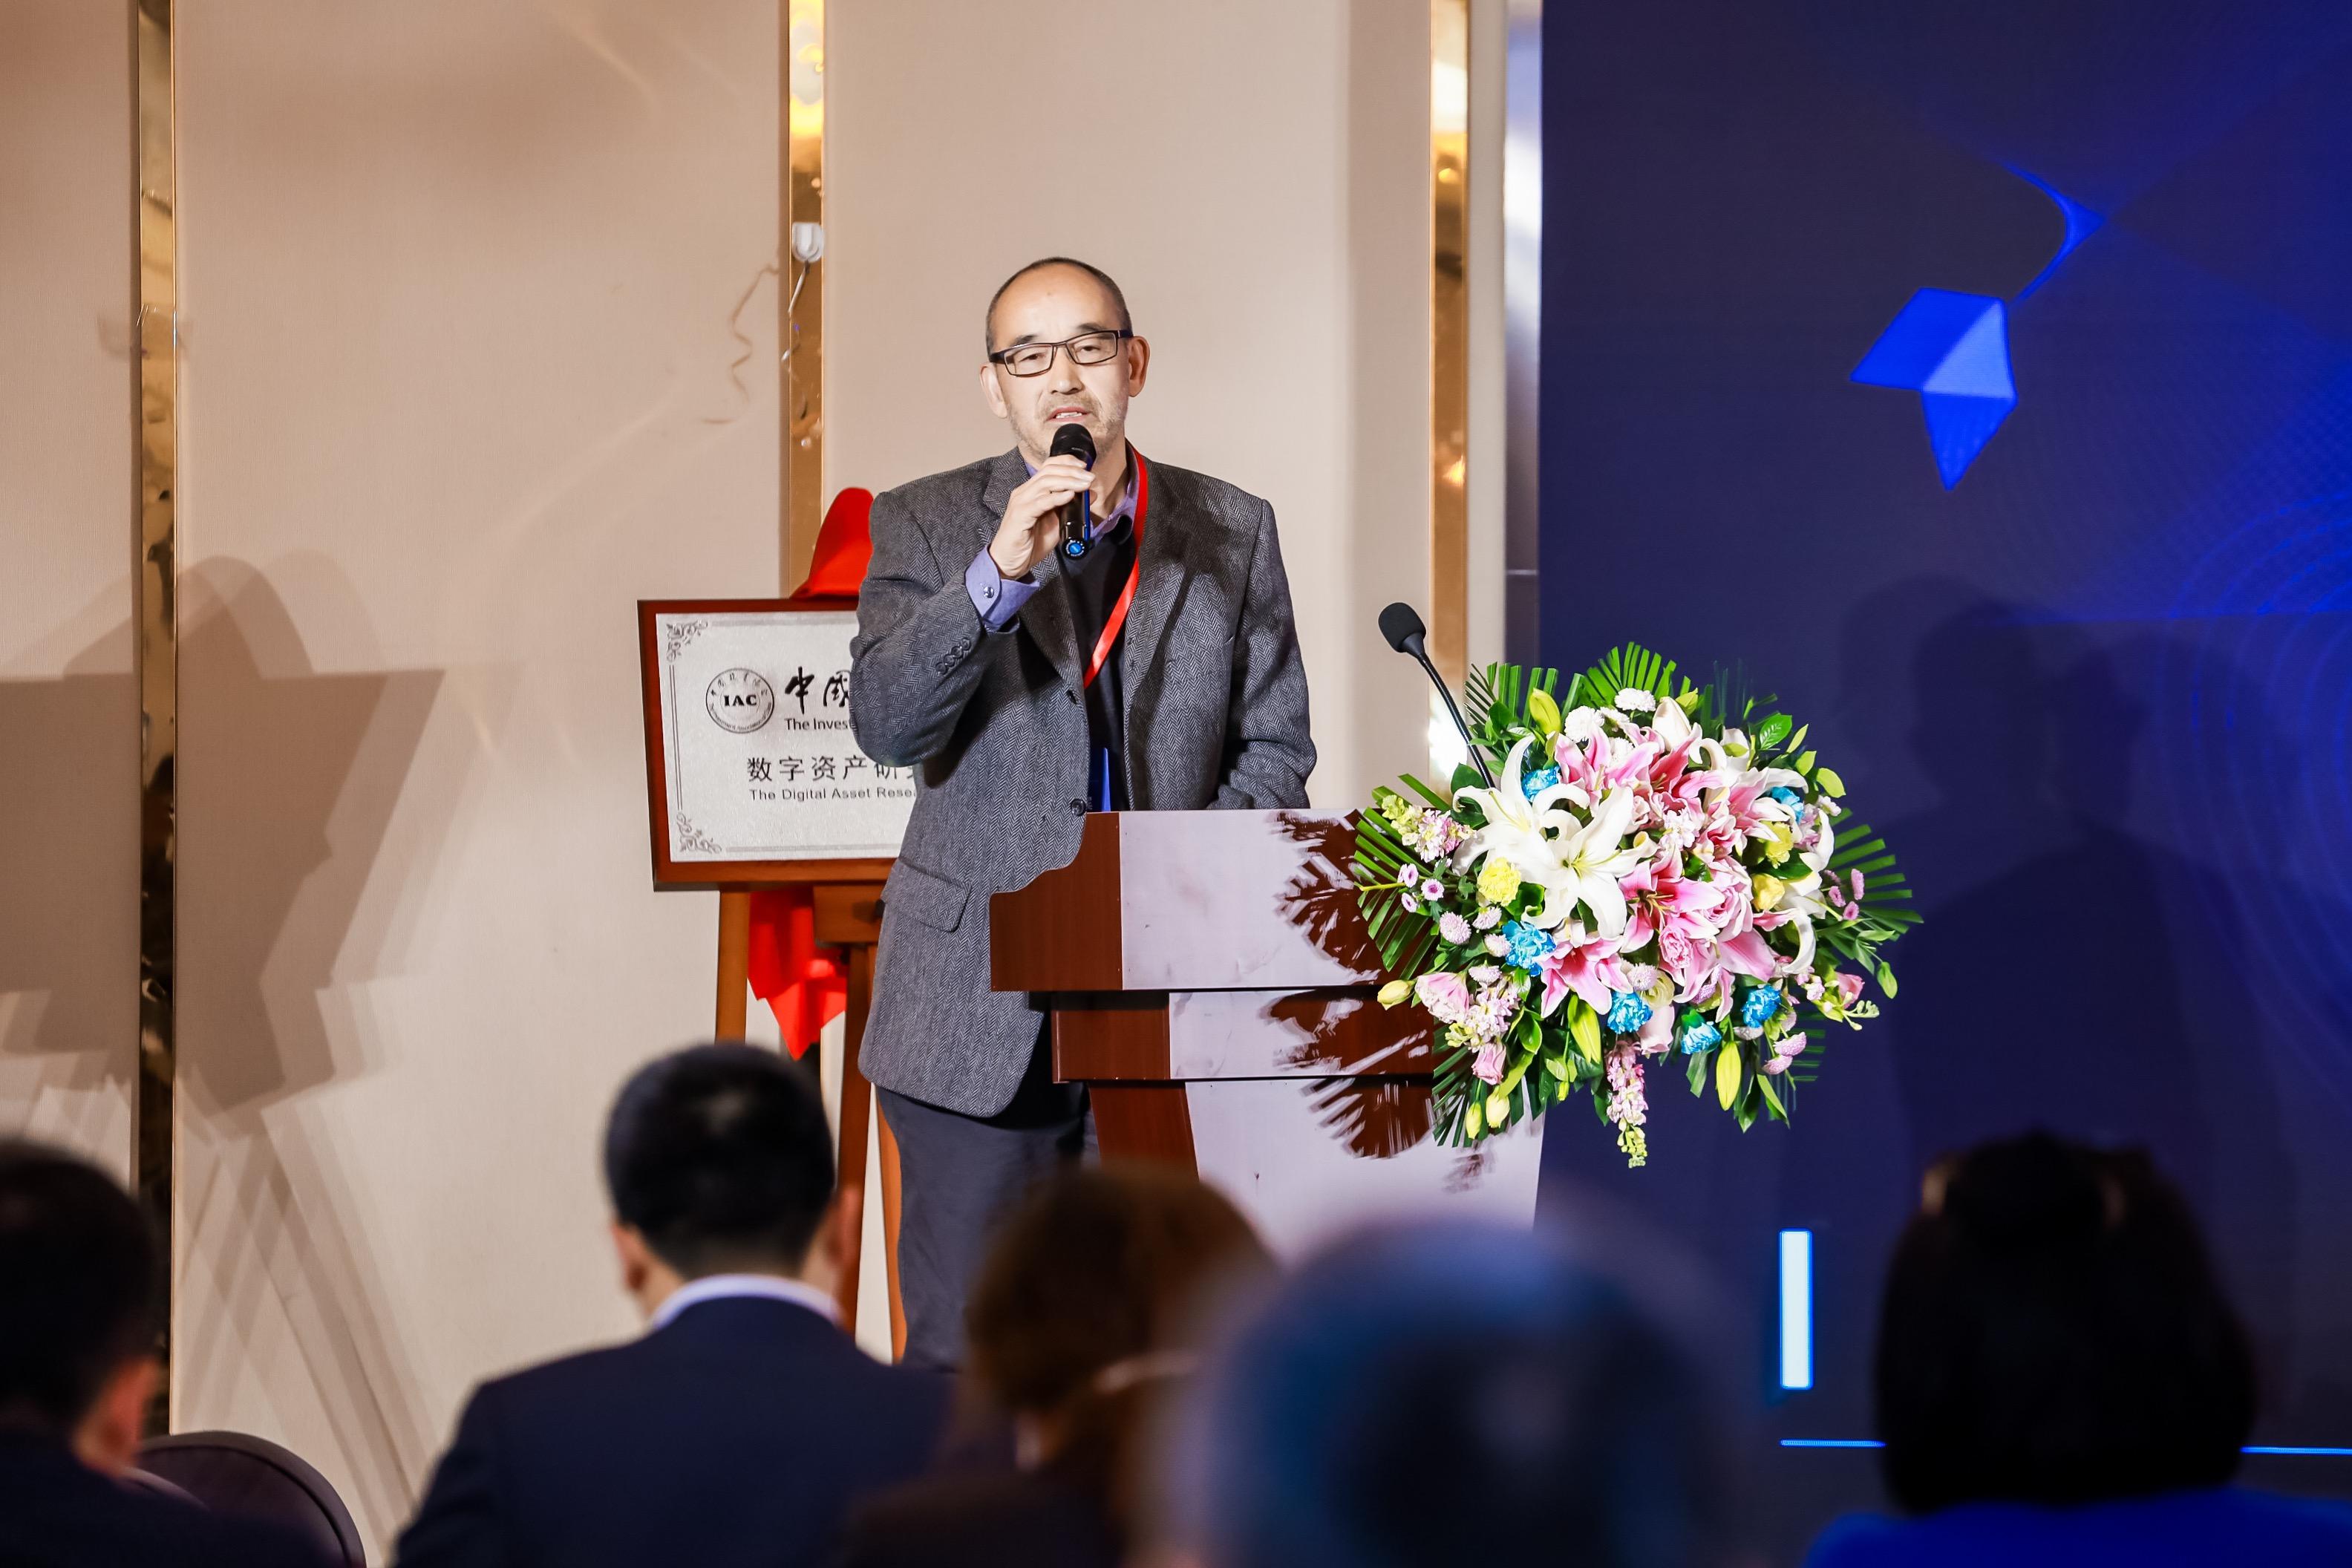 朱嘉明:区块链有望改变社会人际关系